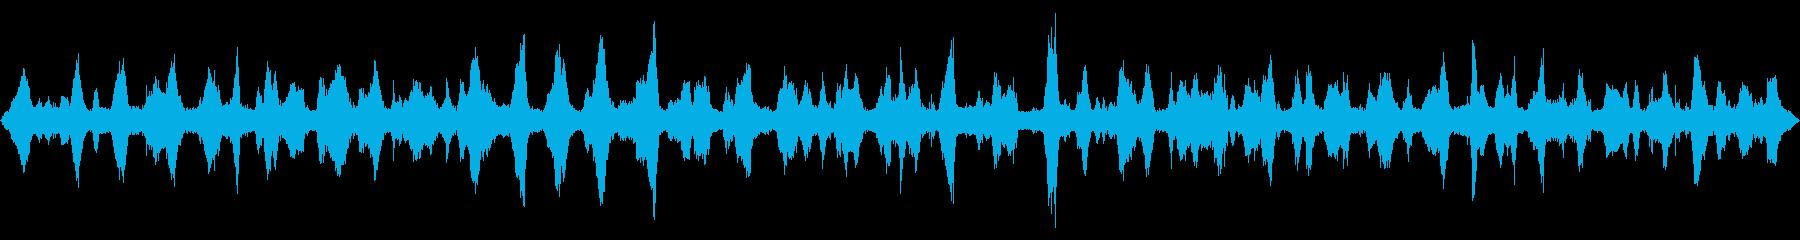 静かな波 【北の脇、徳島、夜、初秋】の再生済みの波形